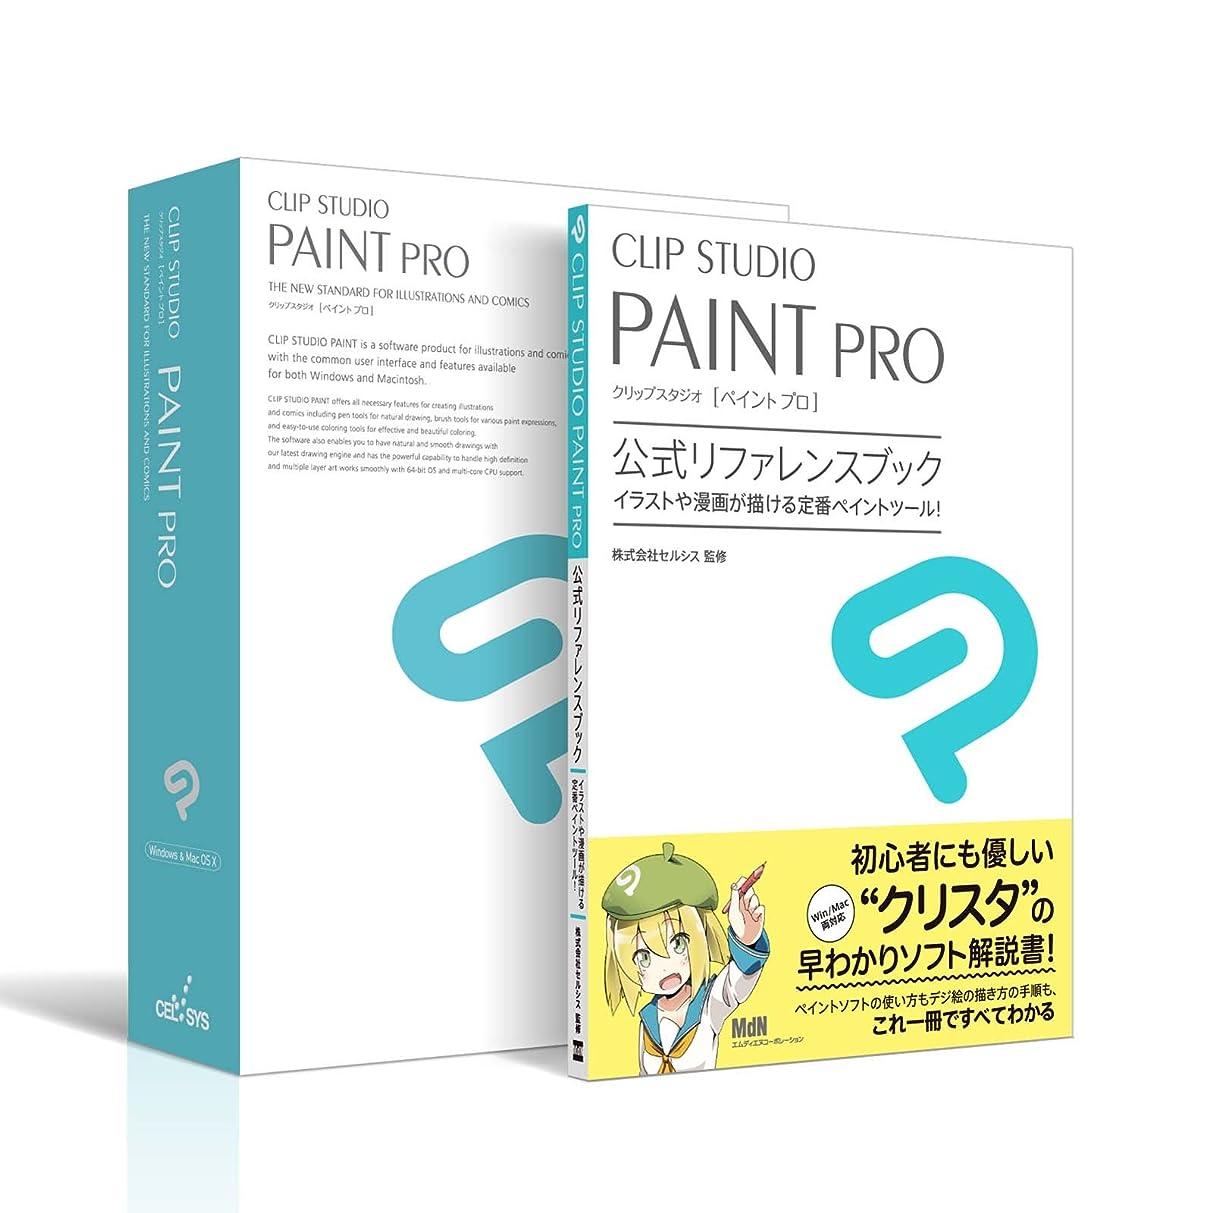 インゲンきらめくアクロバットCLIP STUDIO PAINT PRO 公式リファレンスブックモデル